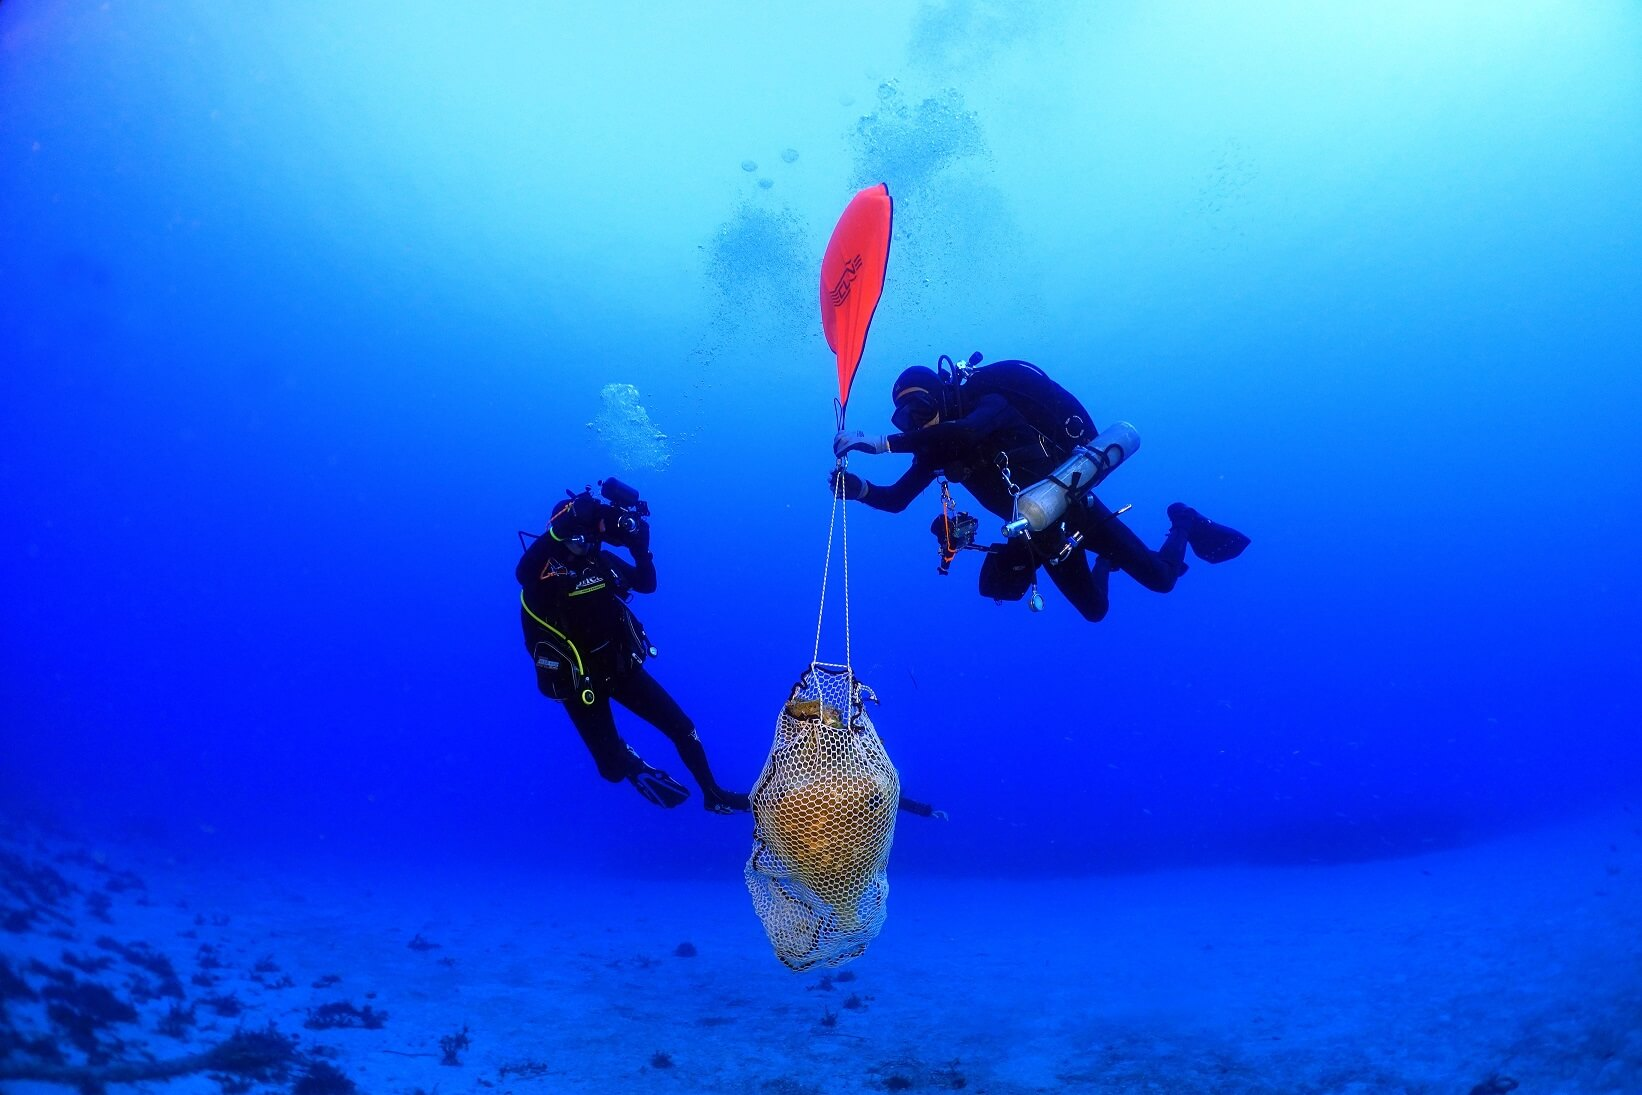 Εντυπωσιακά ευρήματα από την Ενάλια Αρχαιολογική Έρευνα Κάσου 2020